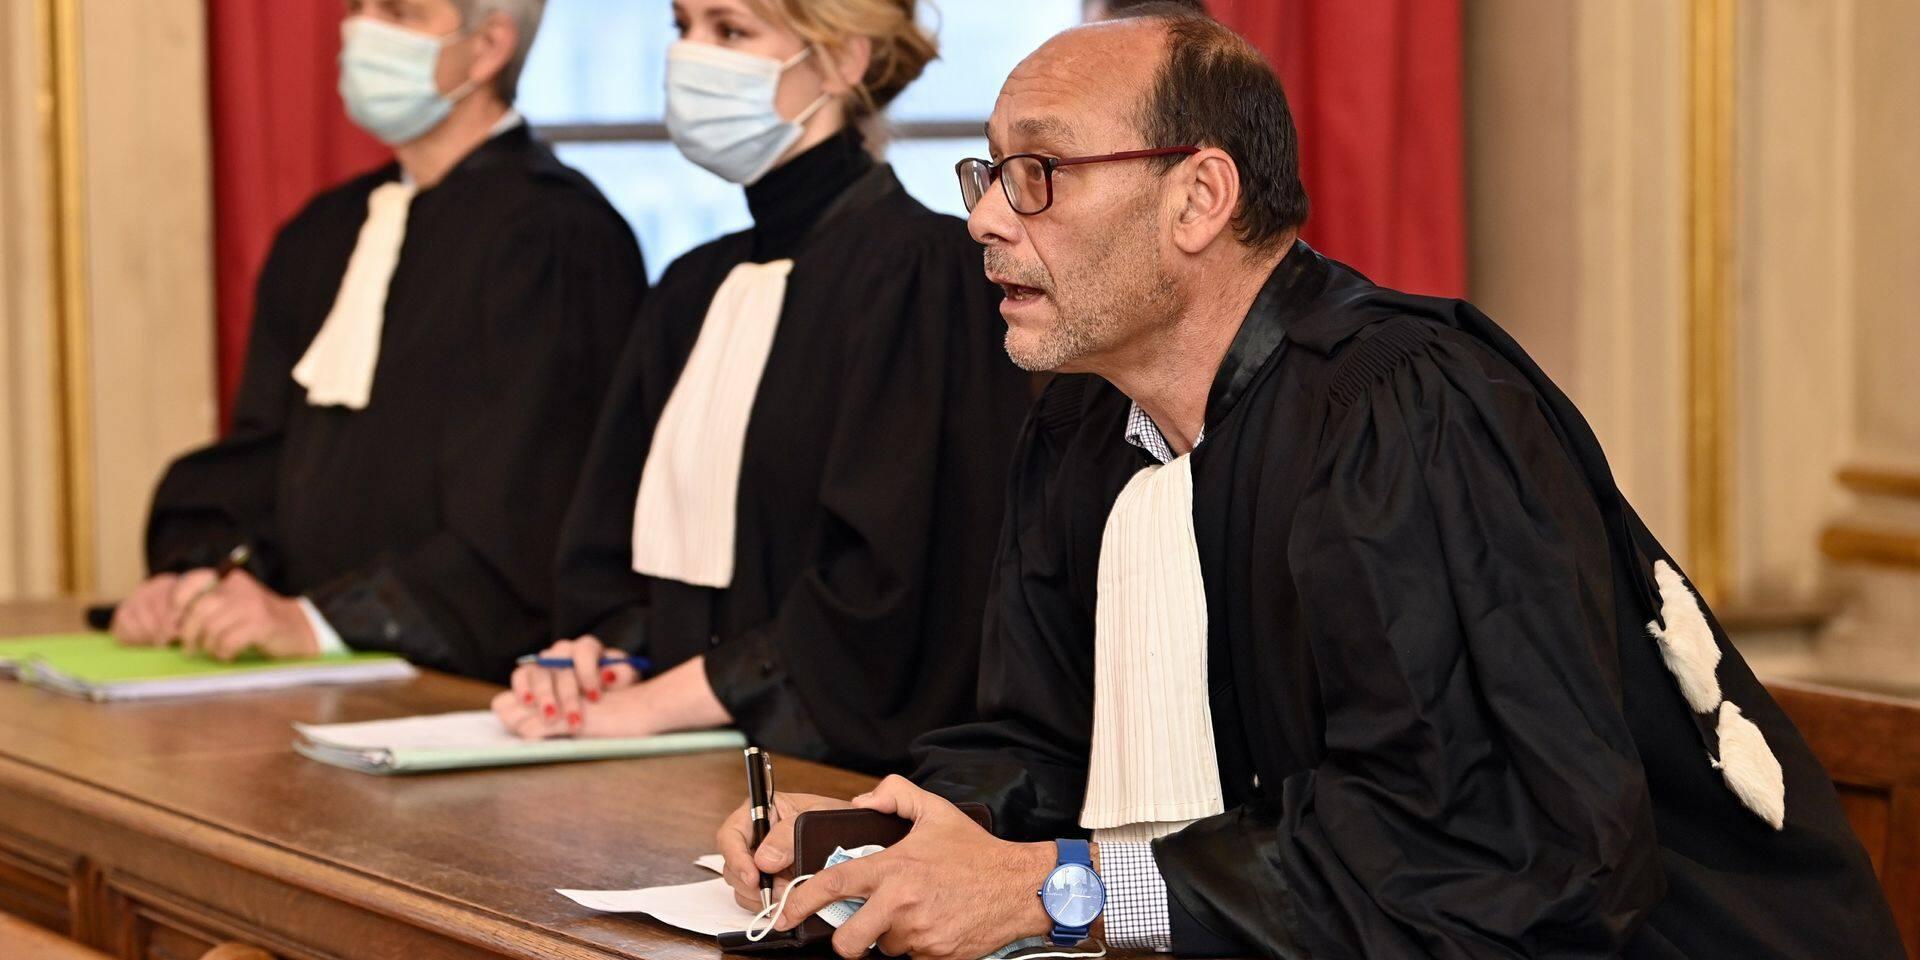 """Marc Uyttendaele, l'avocat de Luperto, réagit : """"La décision prononcée contre Jean-Charles Luperto est scandaleuse"""""""